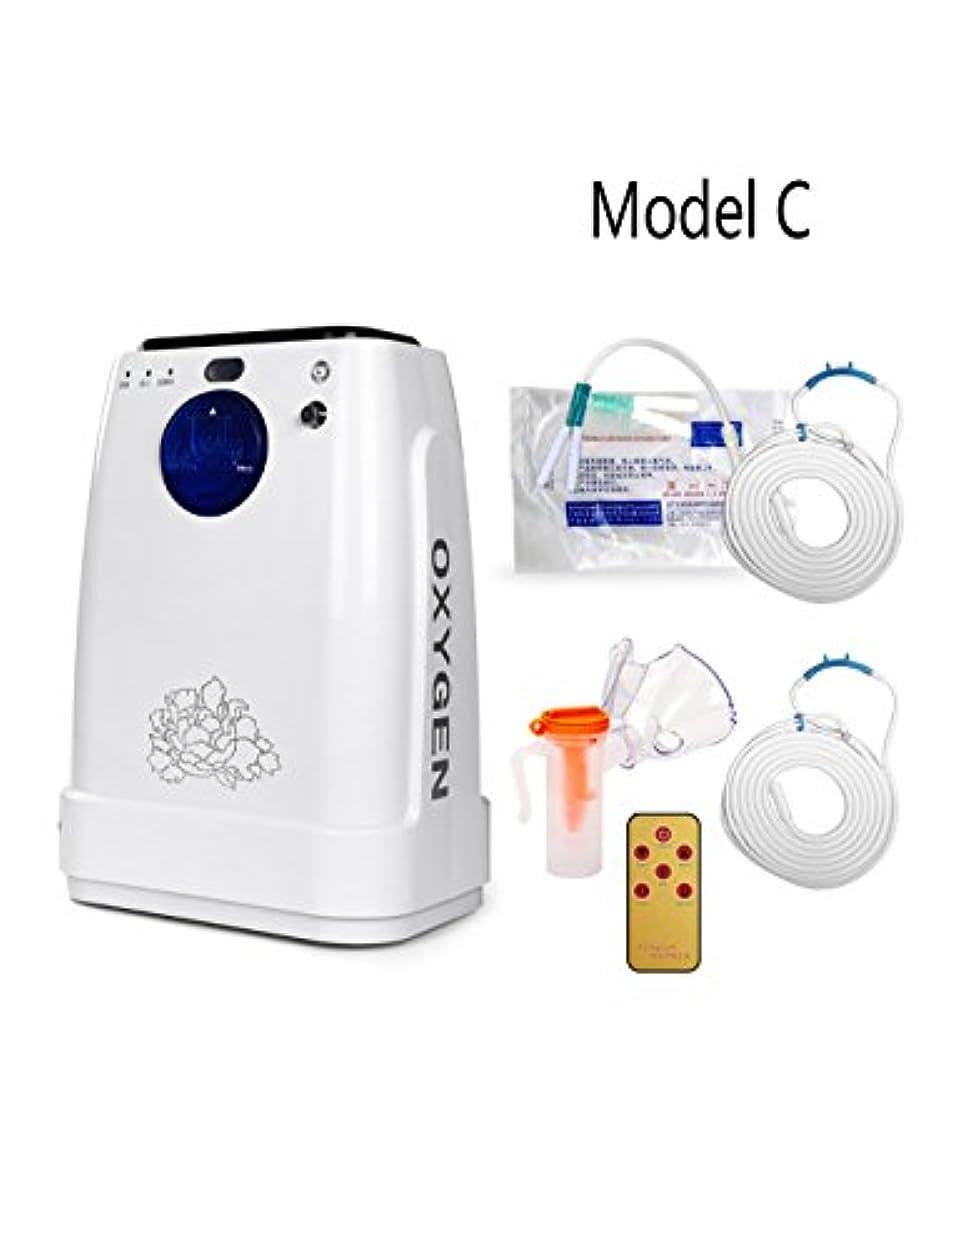 親正規化話すDS-酸素発生器 酸素発生器 - ポータブル酸素濃縮器霧化は1-5L /分酸素マシンを調整します家庭用/医療用90%高純度(220V-白) && (サイズ さいず : C)